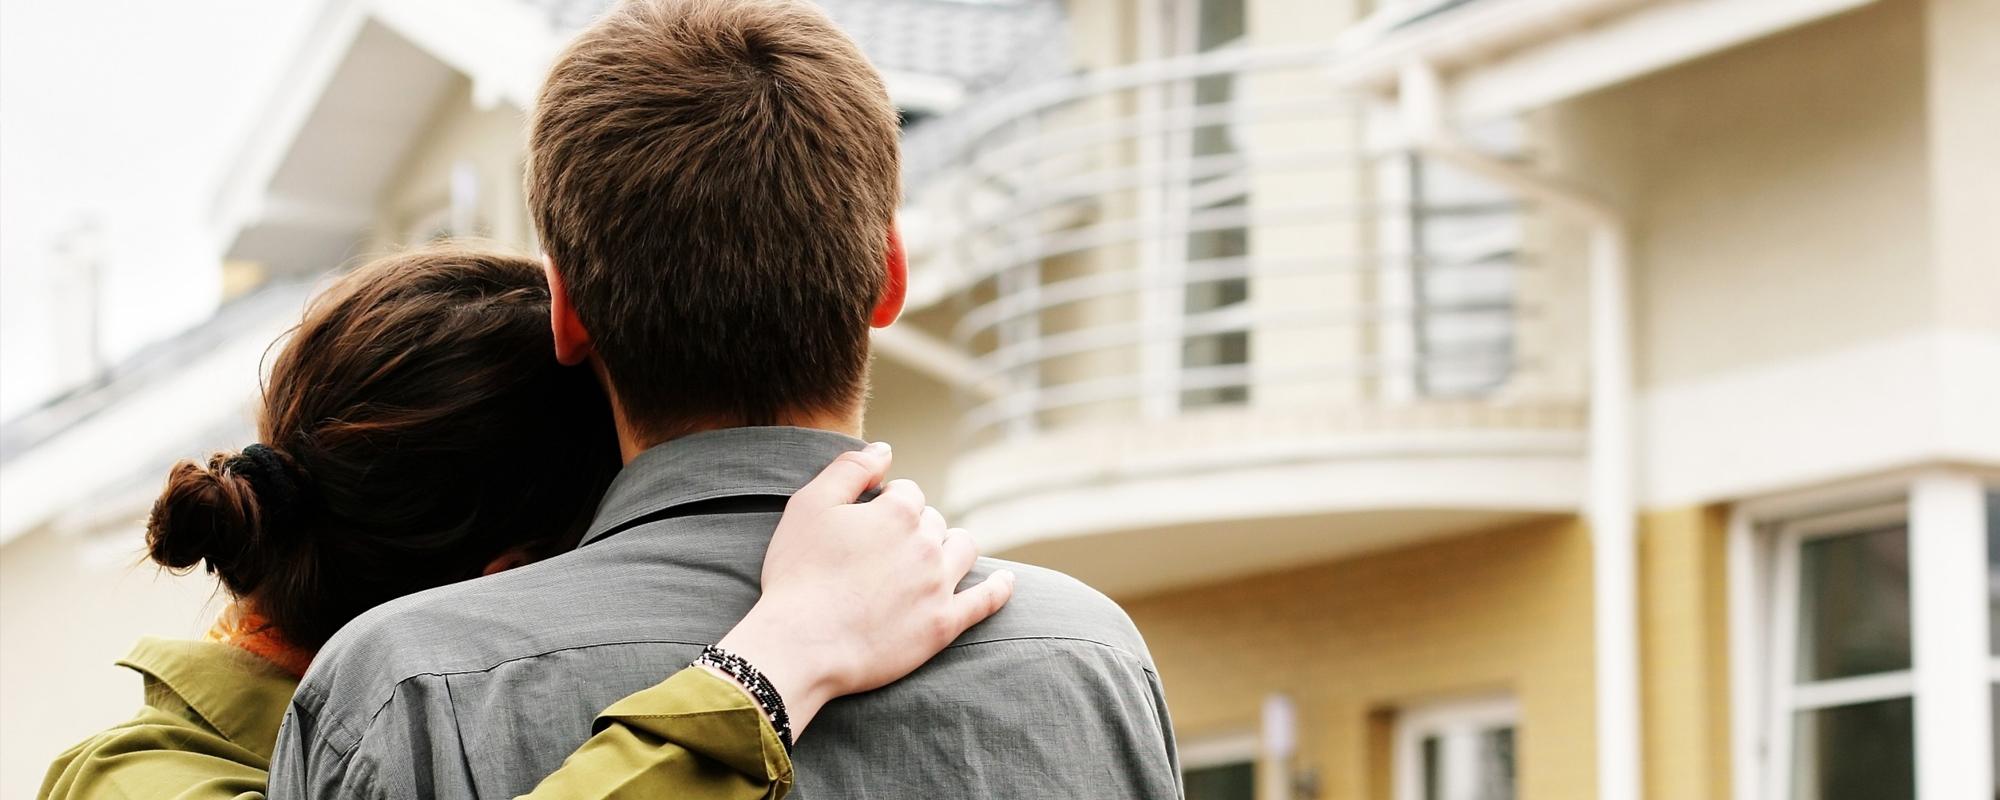 Кто имеет право на улучшение жилищных условий?